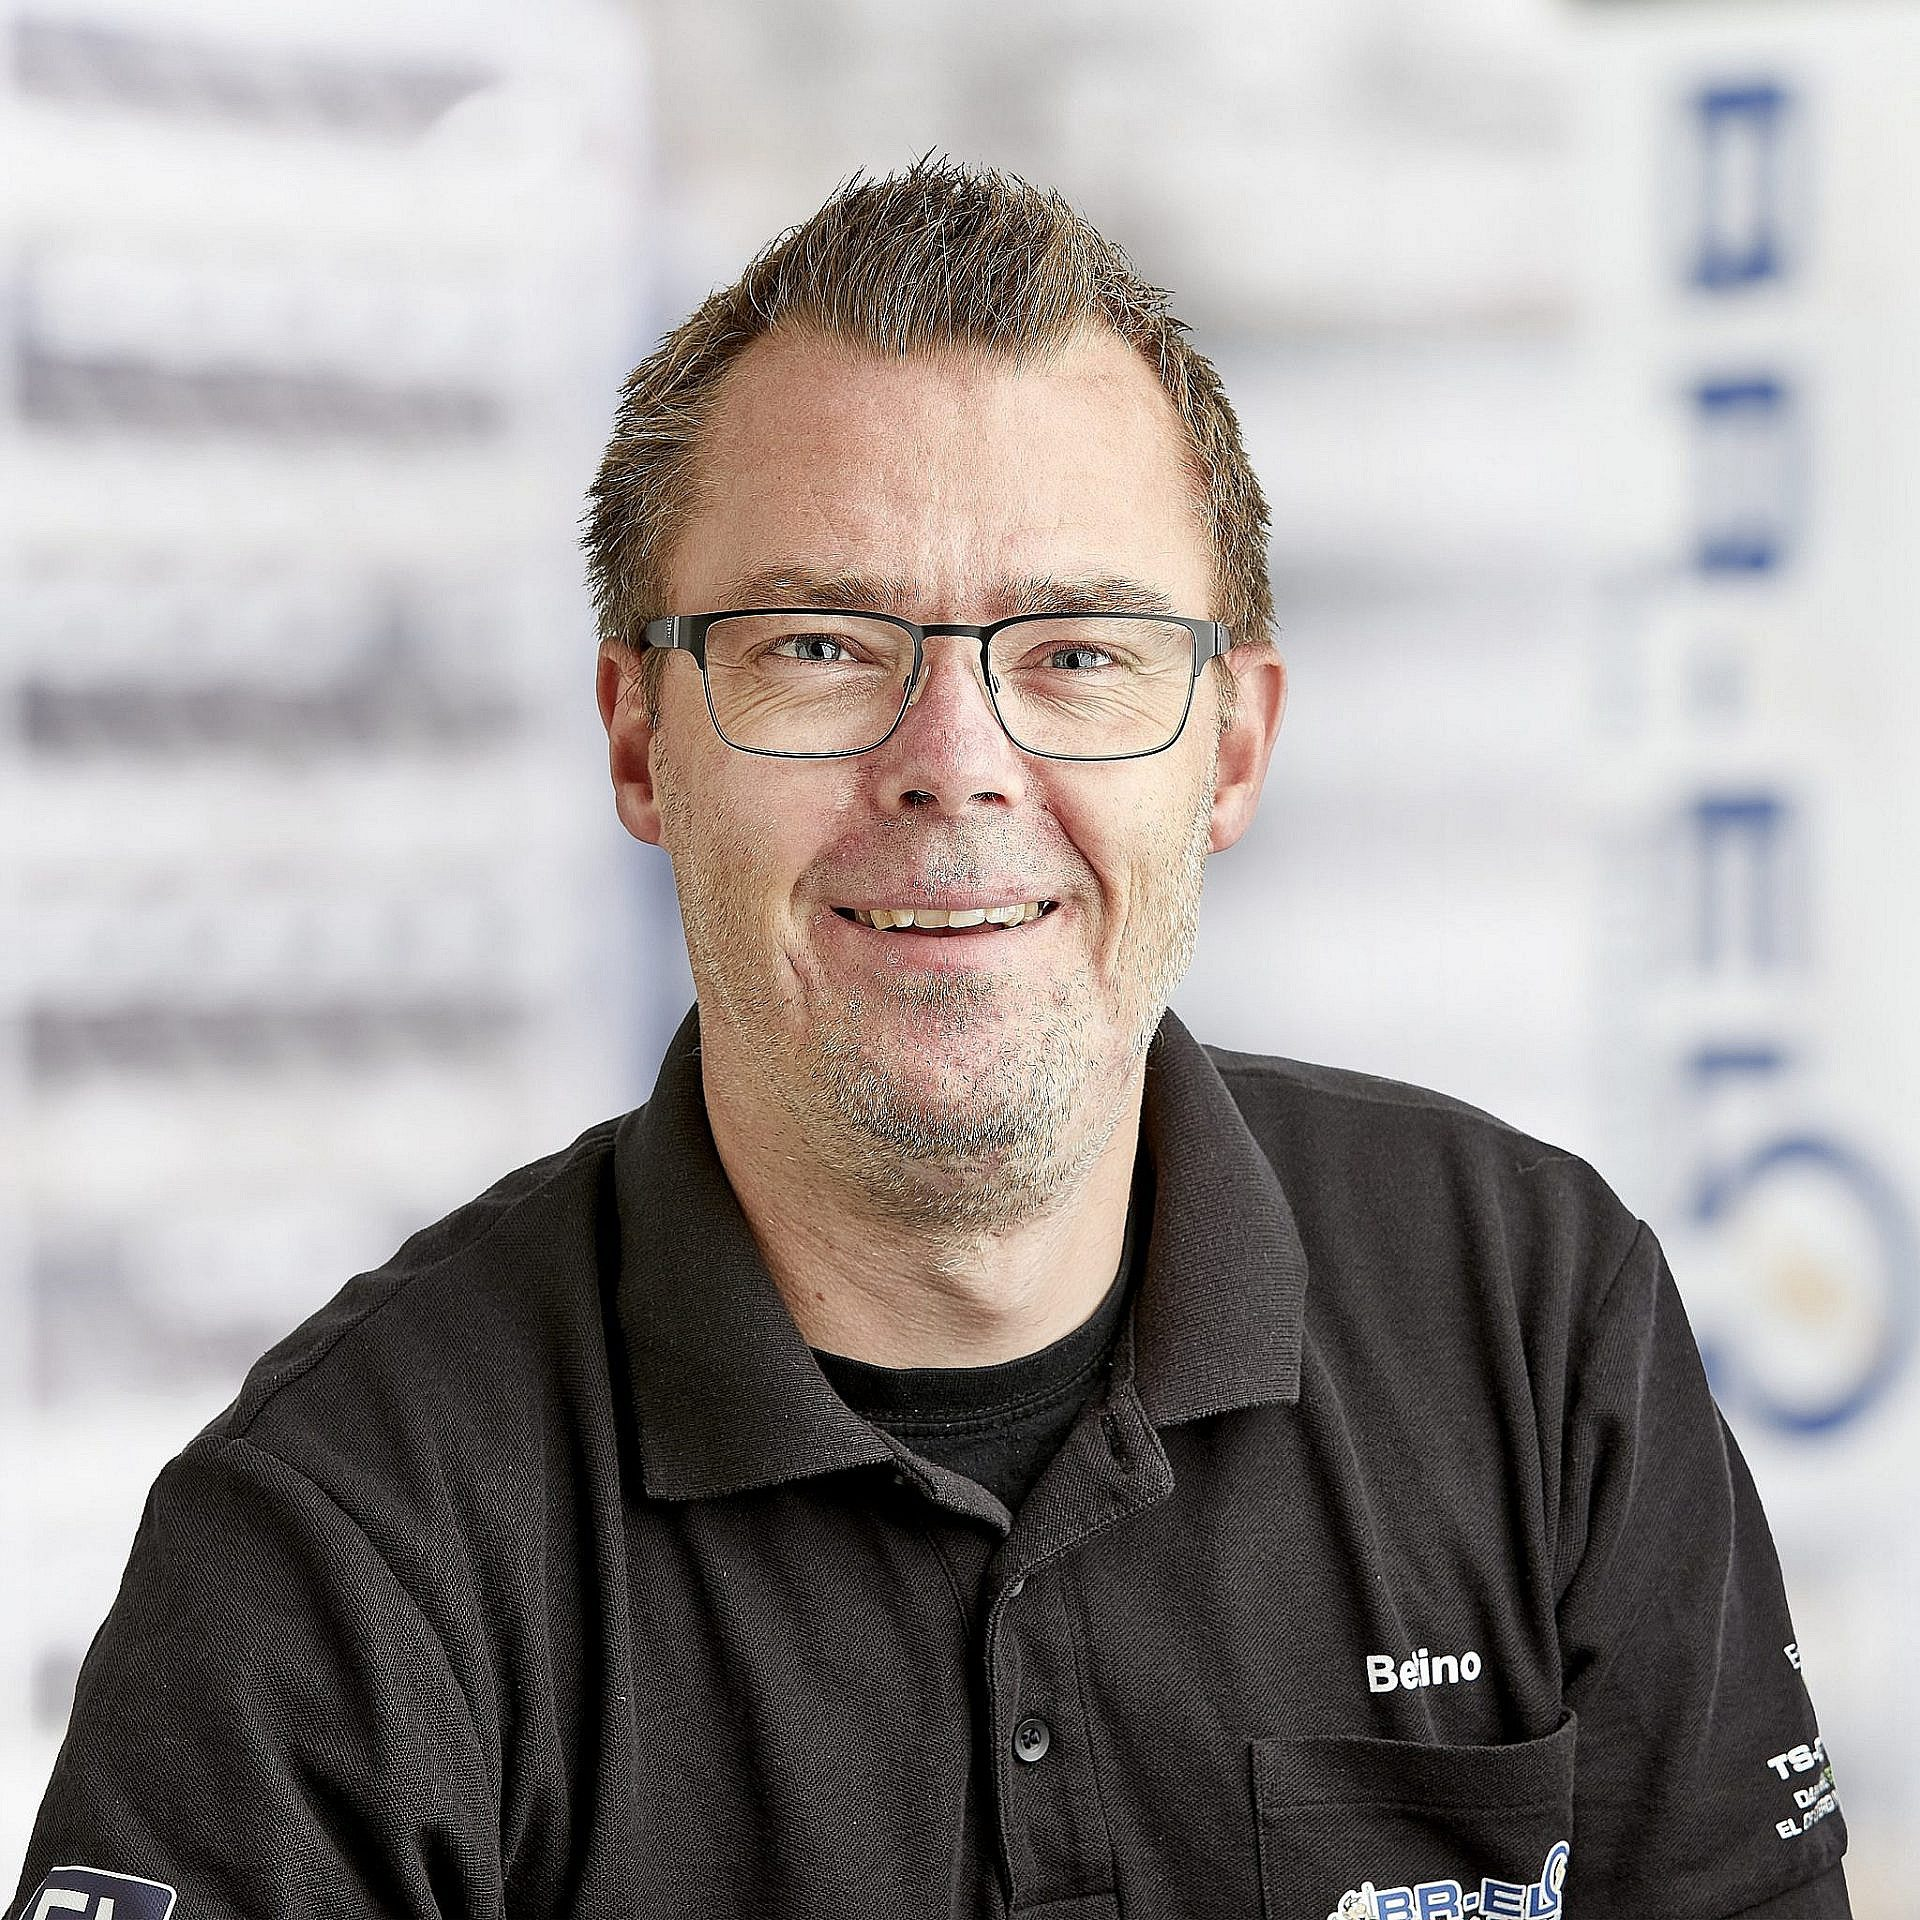 Betino Mortensen